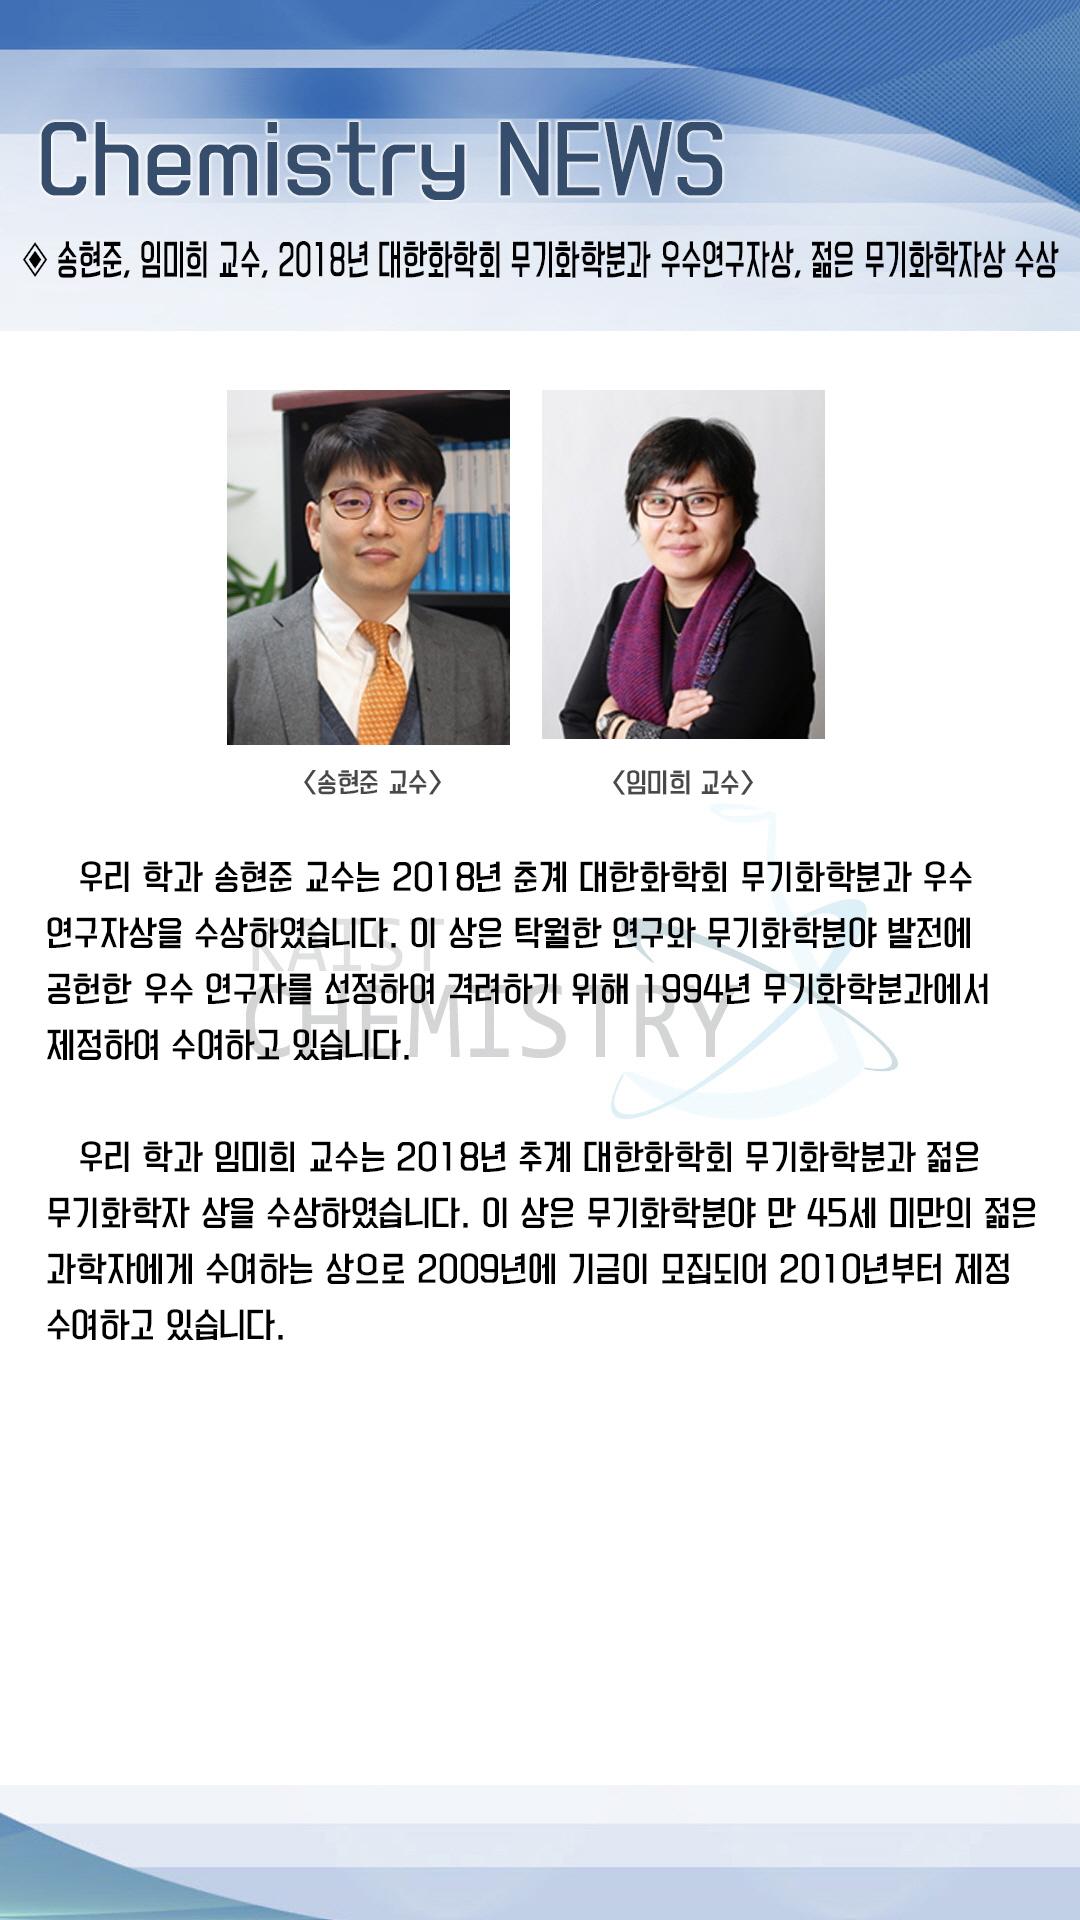 회전_NEWS_송현준, 임미희 교수.jpg